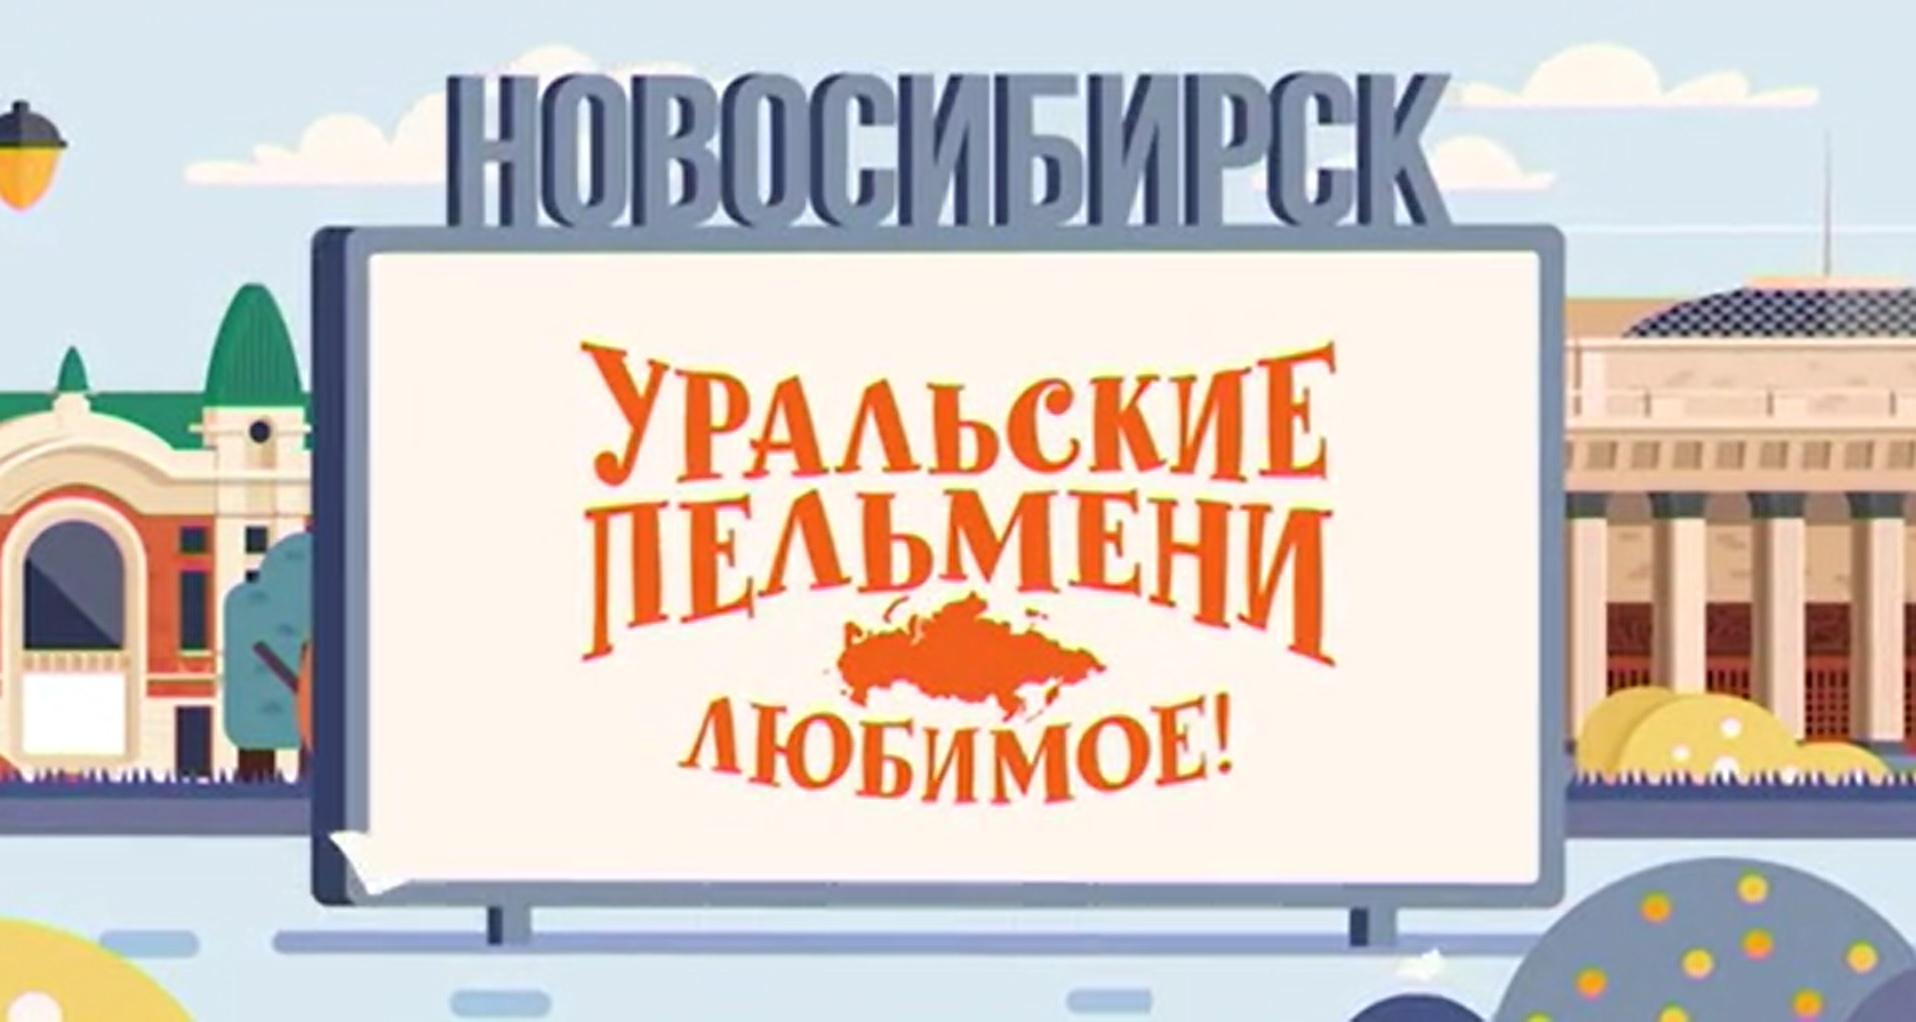 Творческий коллектив Уральские Пельмени Уральские пельмени. Любимое. Новосибирск творческий коллектив уральские пельмени уральские пельмени любимое тюмень